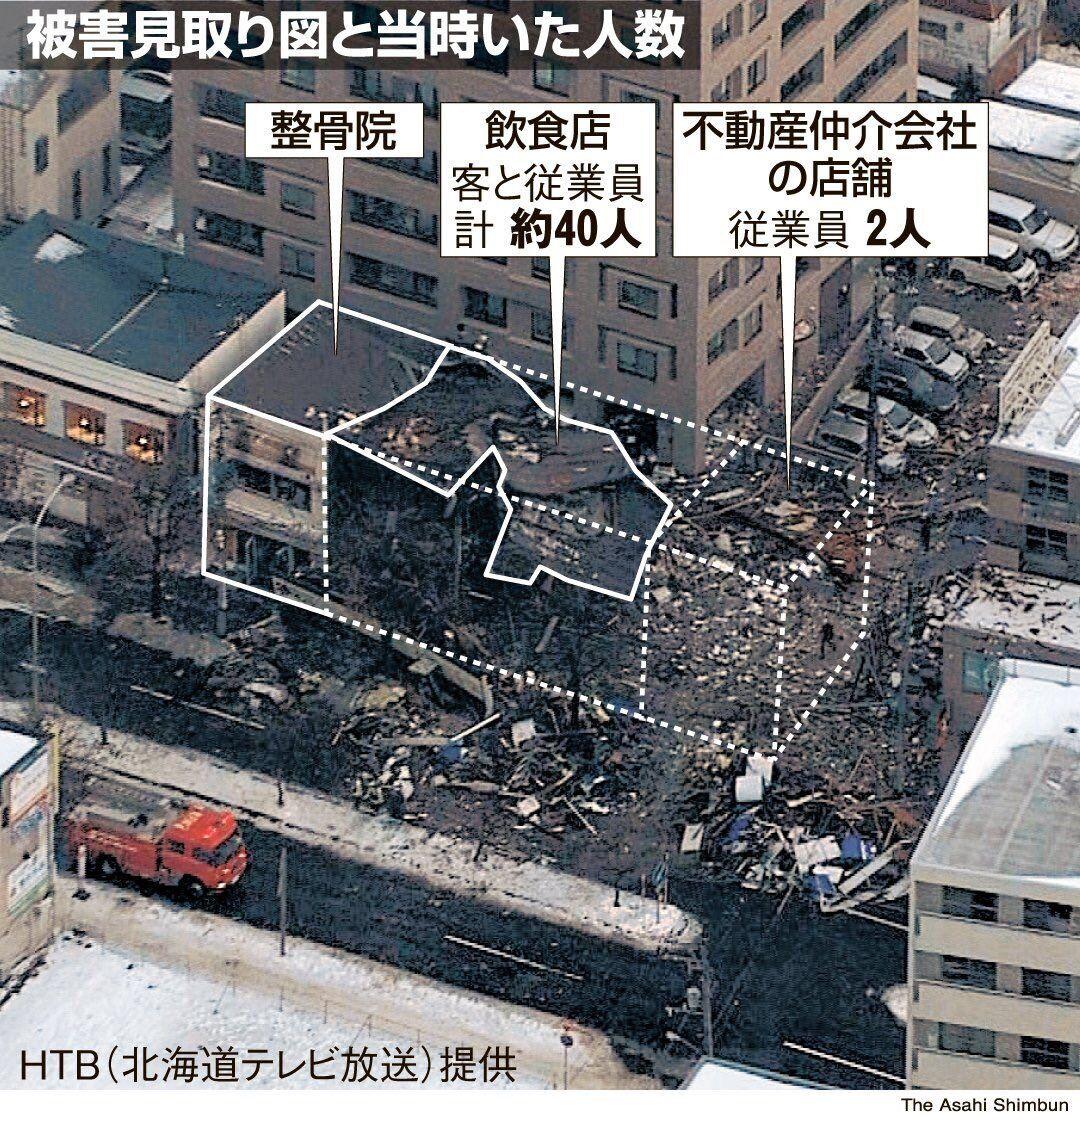 爆炸伤者分布图 图片来自日本HTB